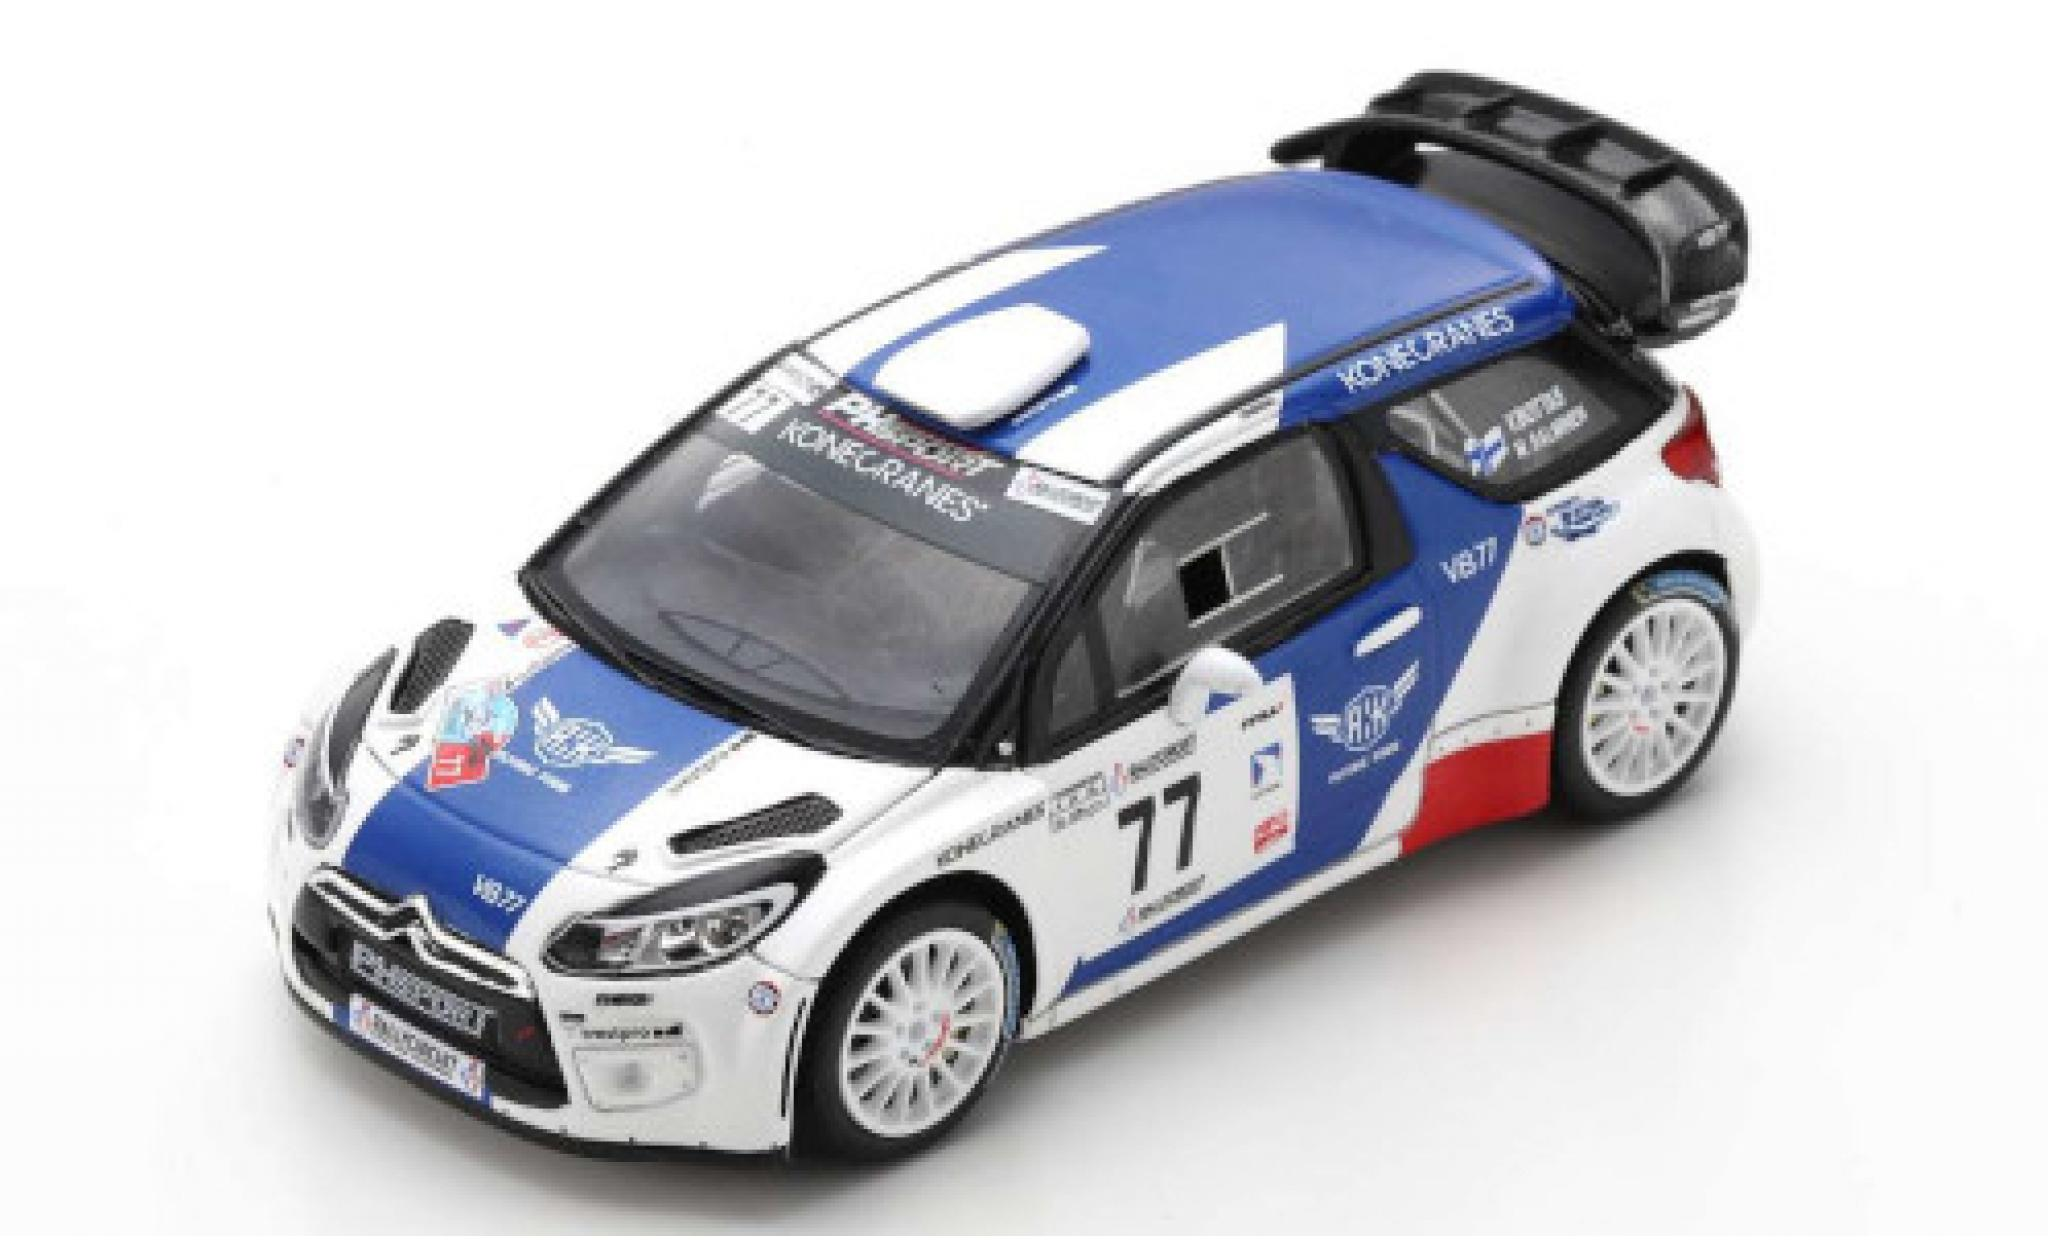 DS Automobiles DS3 1/43 Spark Citroen WRC No.77 PH Sport Rallye Circuit Cote d Azur 2019 V.Bottas/M.Salminen